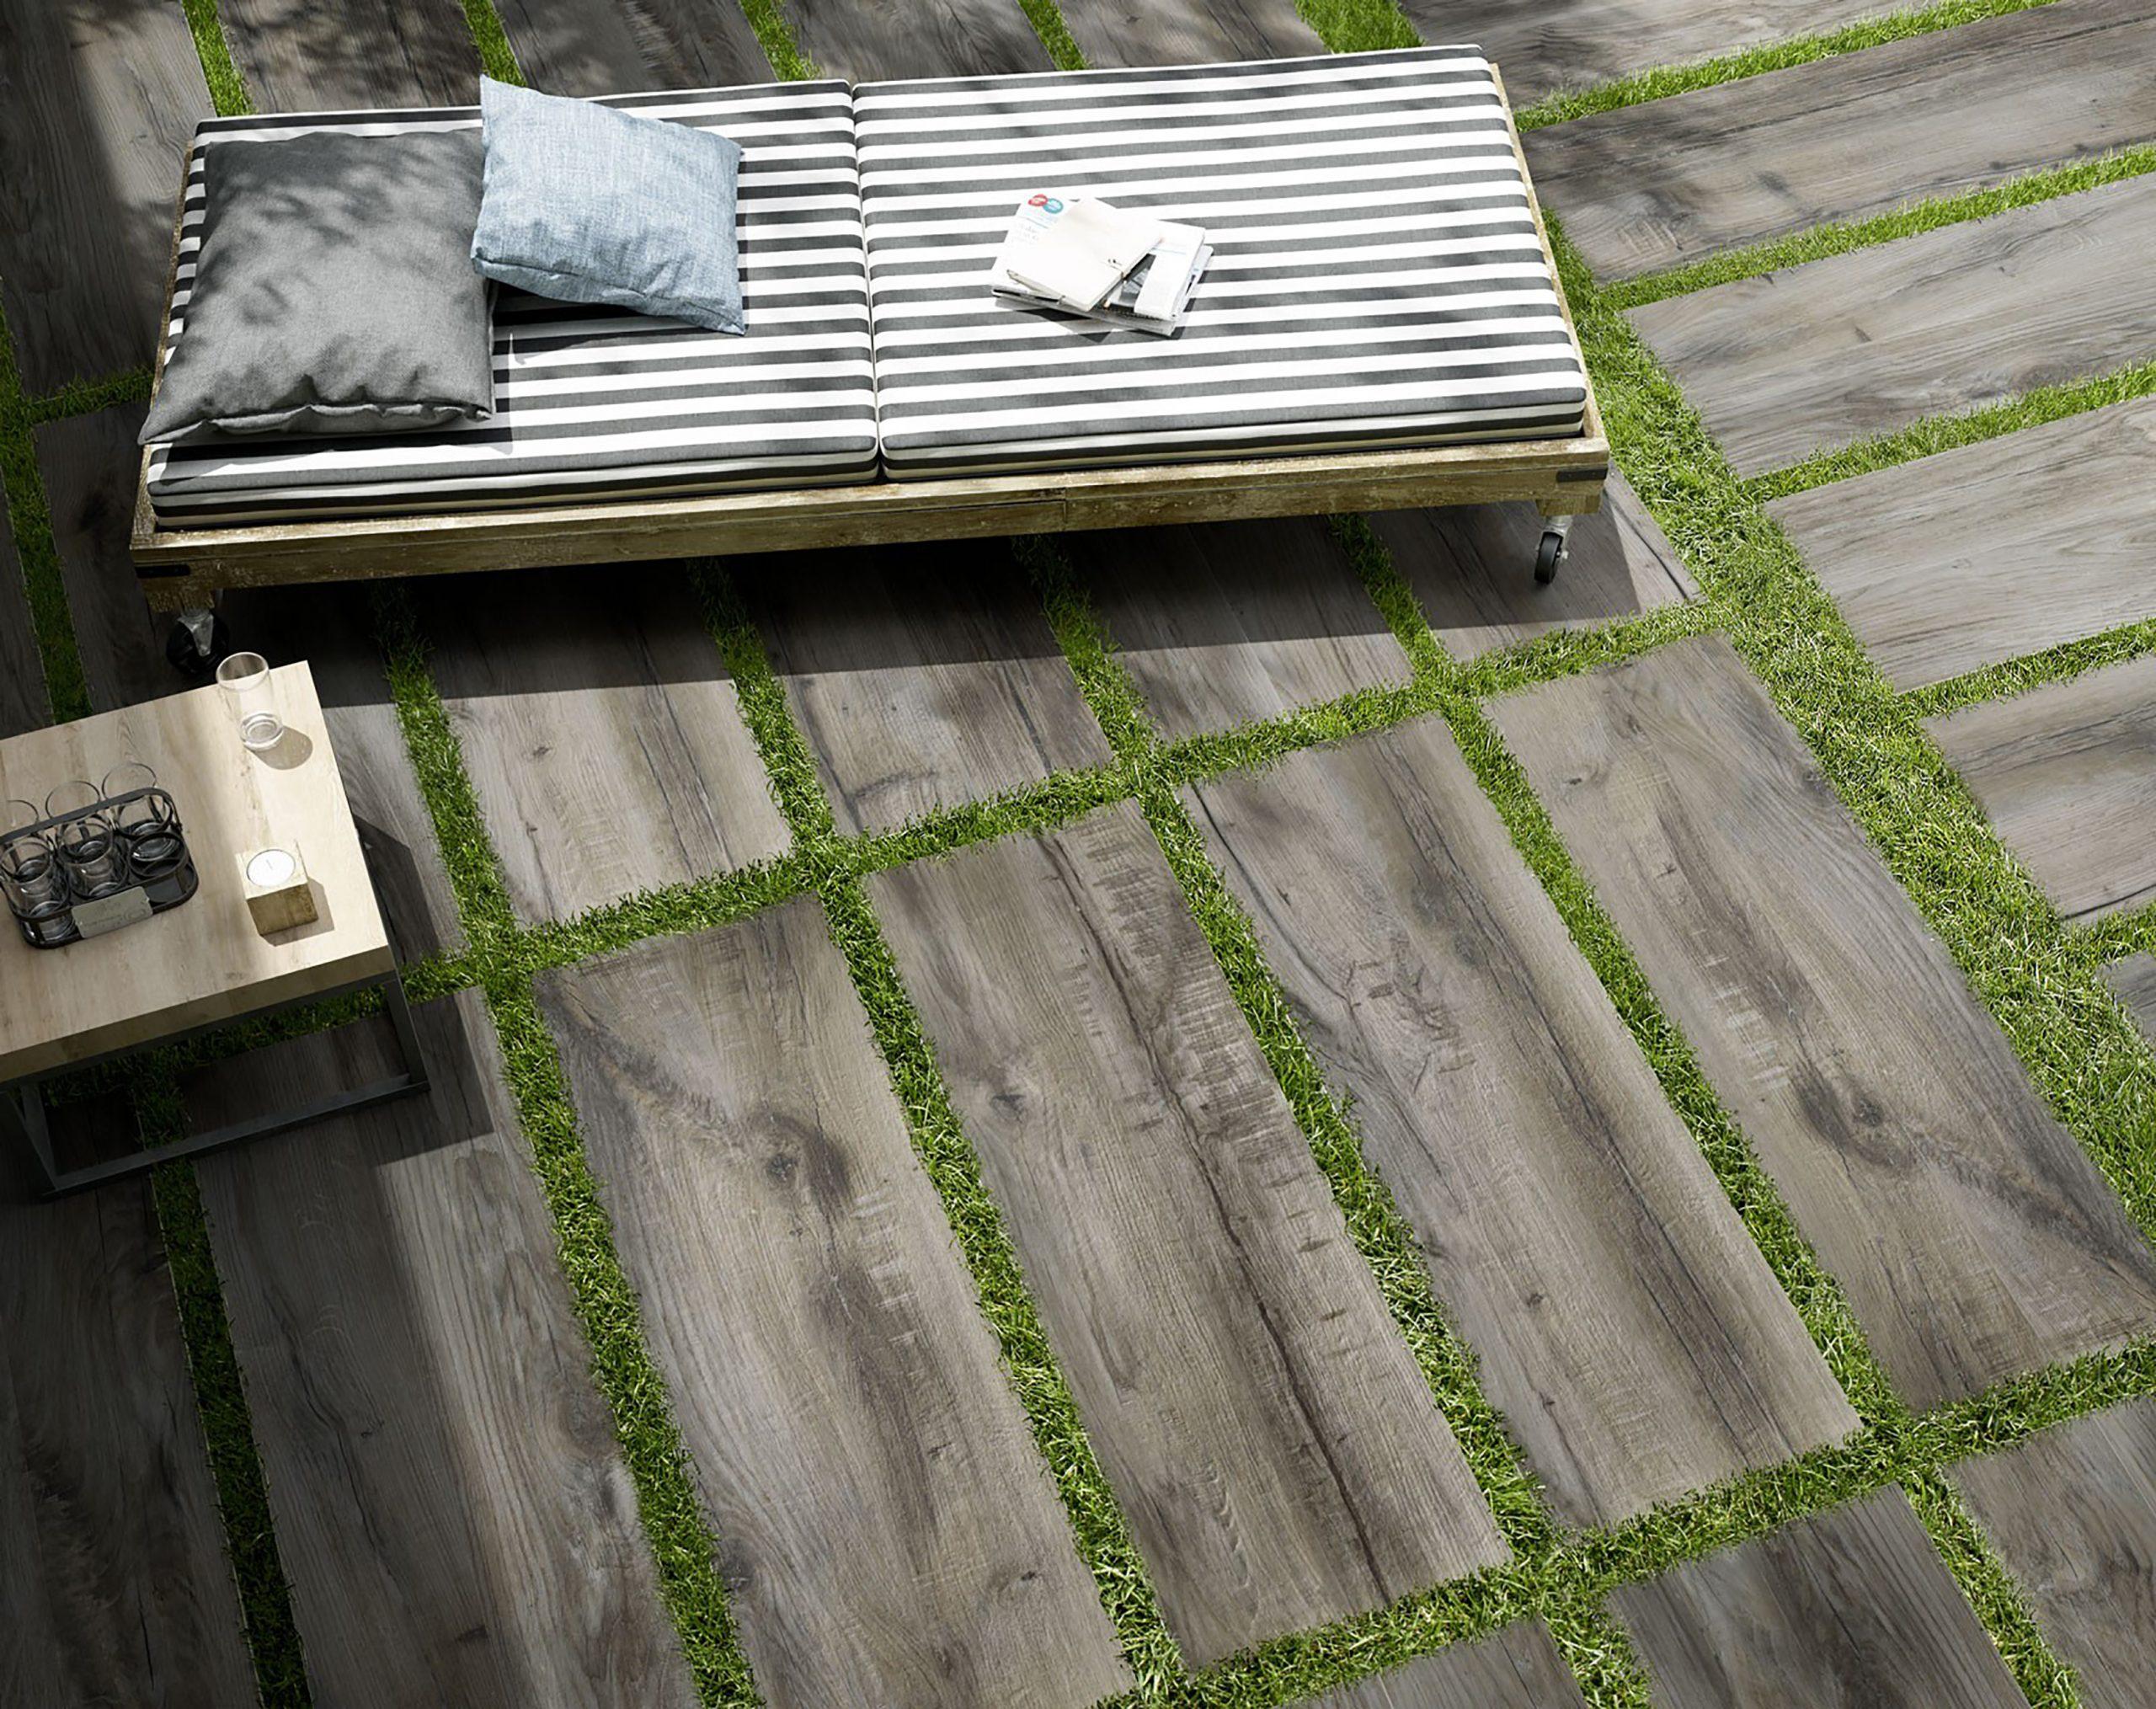 Le Carrelage Extérieur Imitation Pour Votre Terrasse encequiconcerne Carrelage Extérieur Imitation Teck